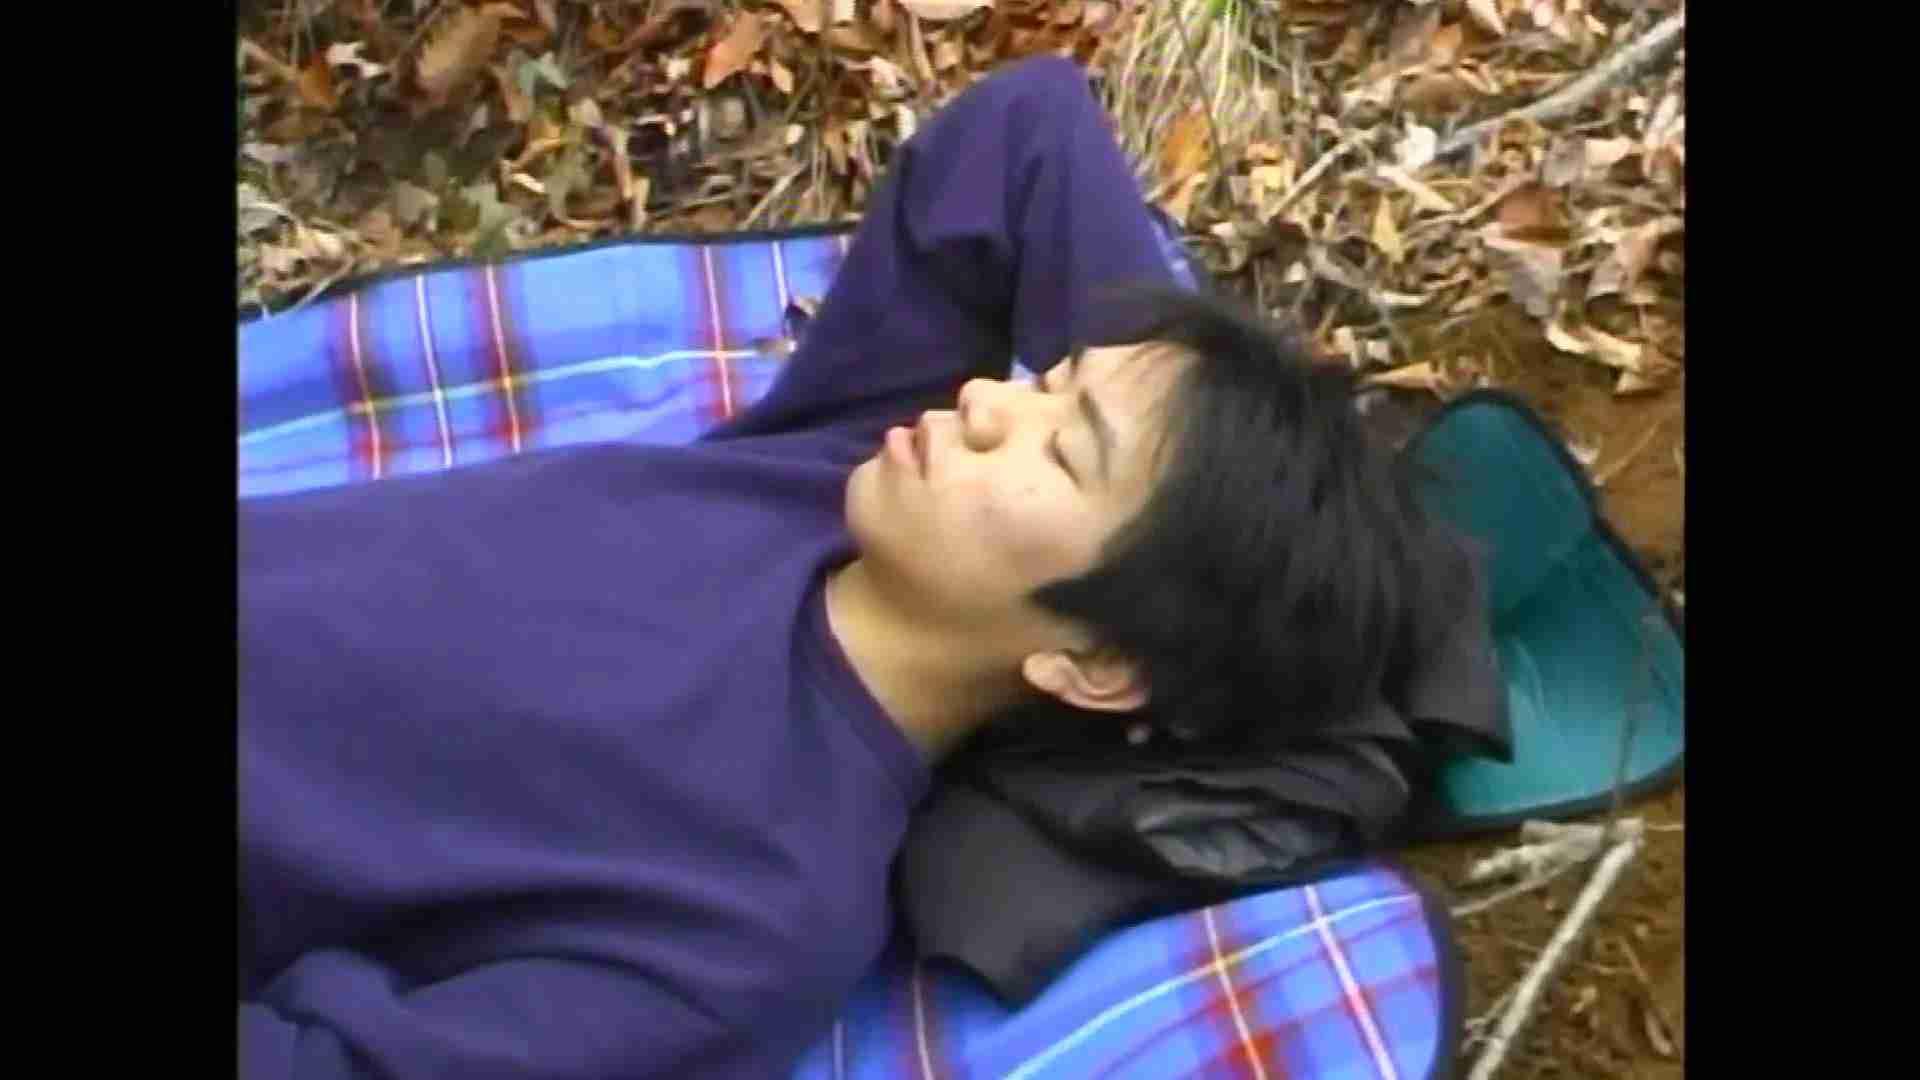 GAYBOY宏のオカズ倉庫Vol.5-3 GAY ゲイフリーエロ画像 59画像 31